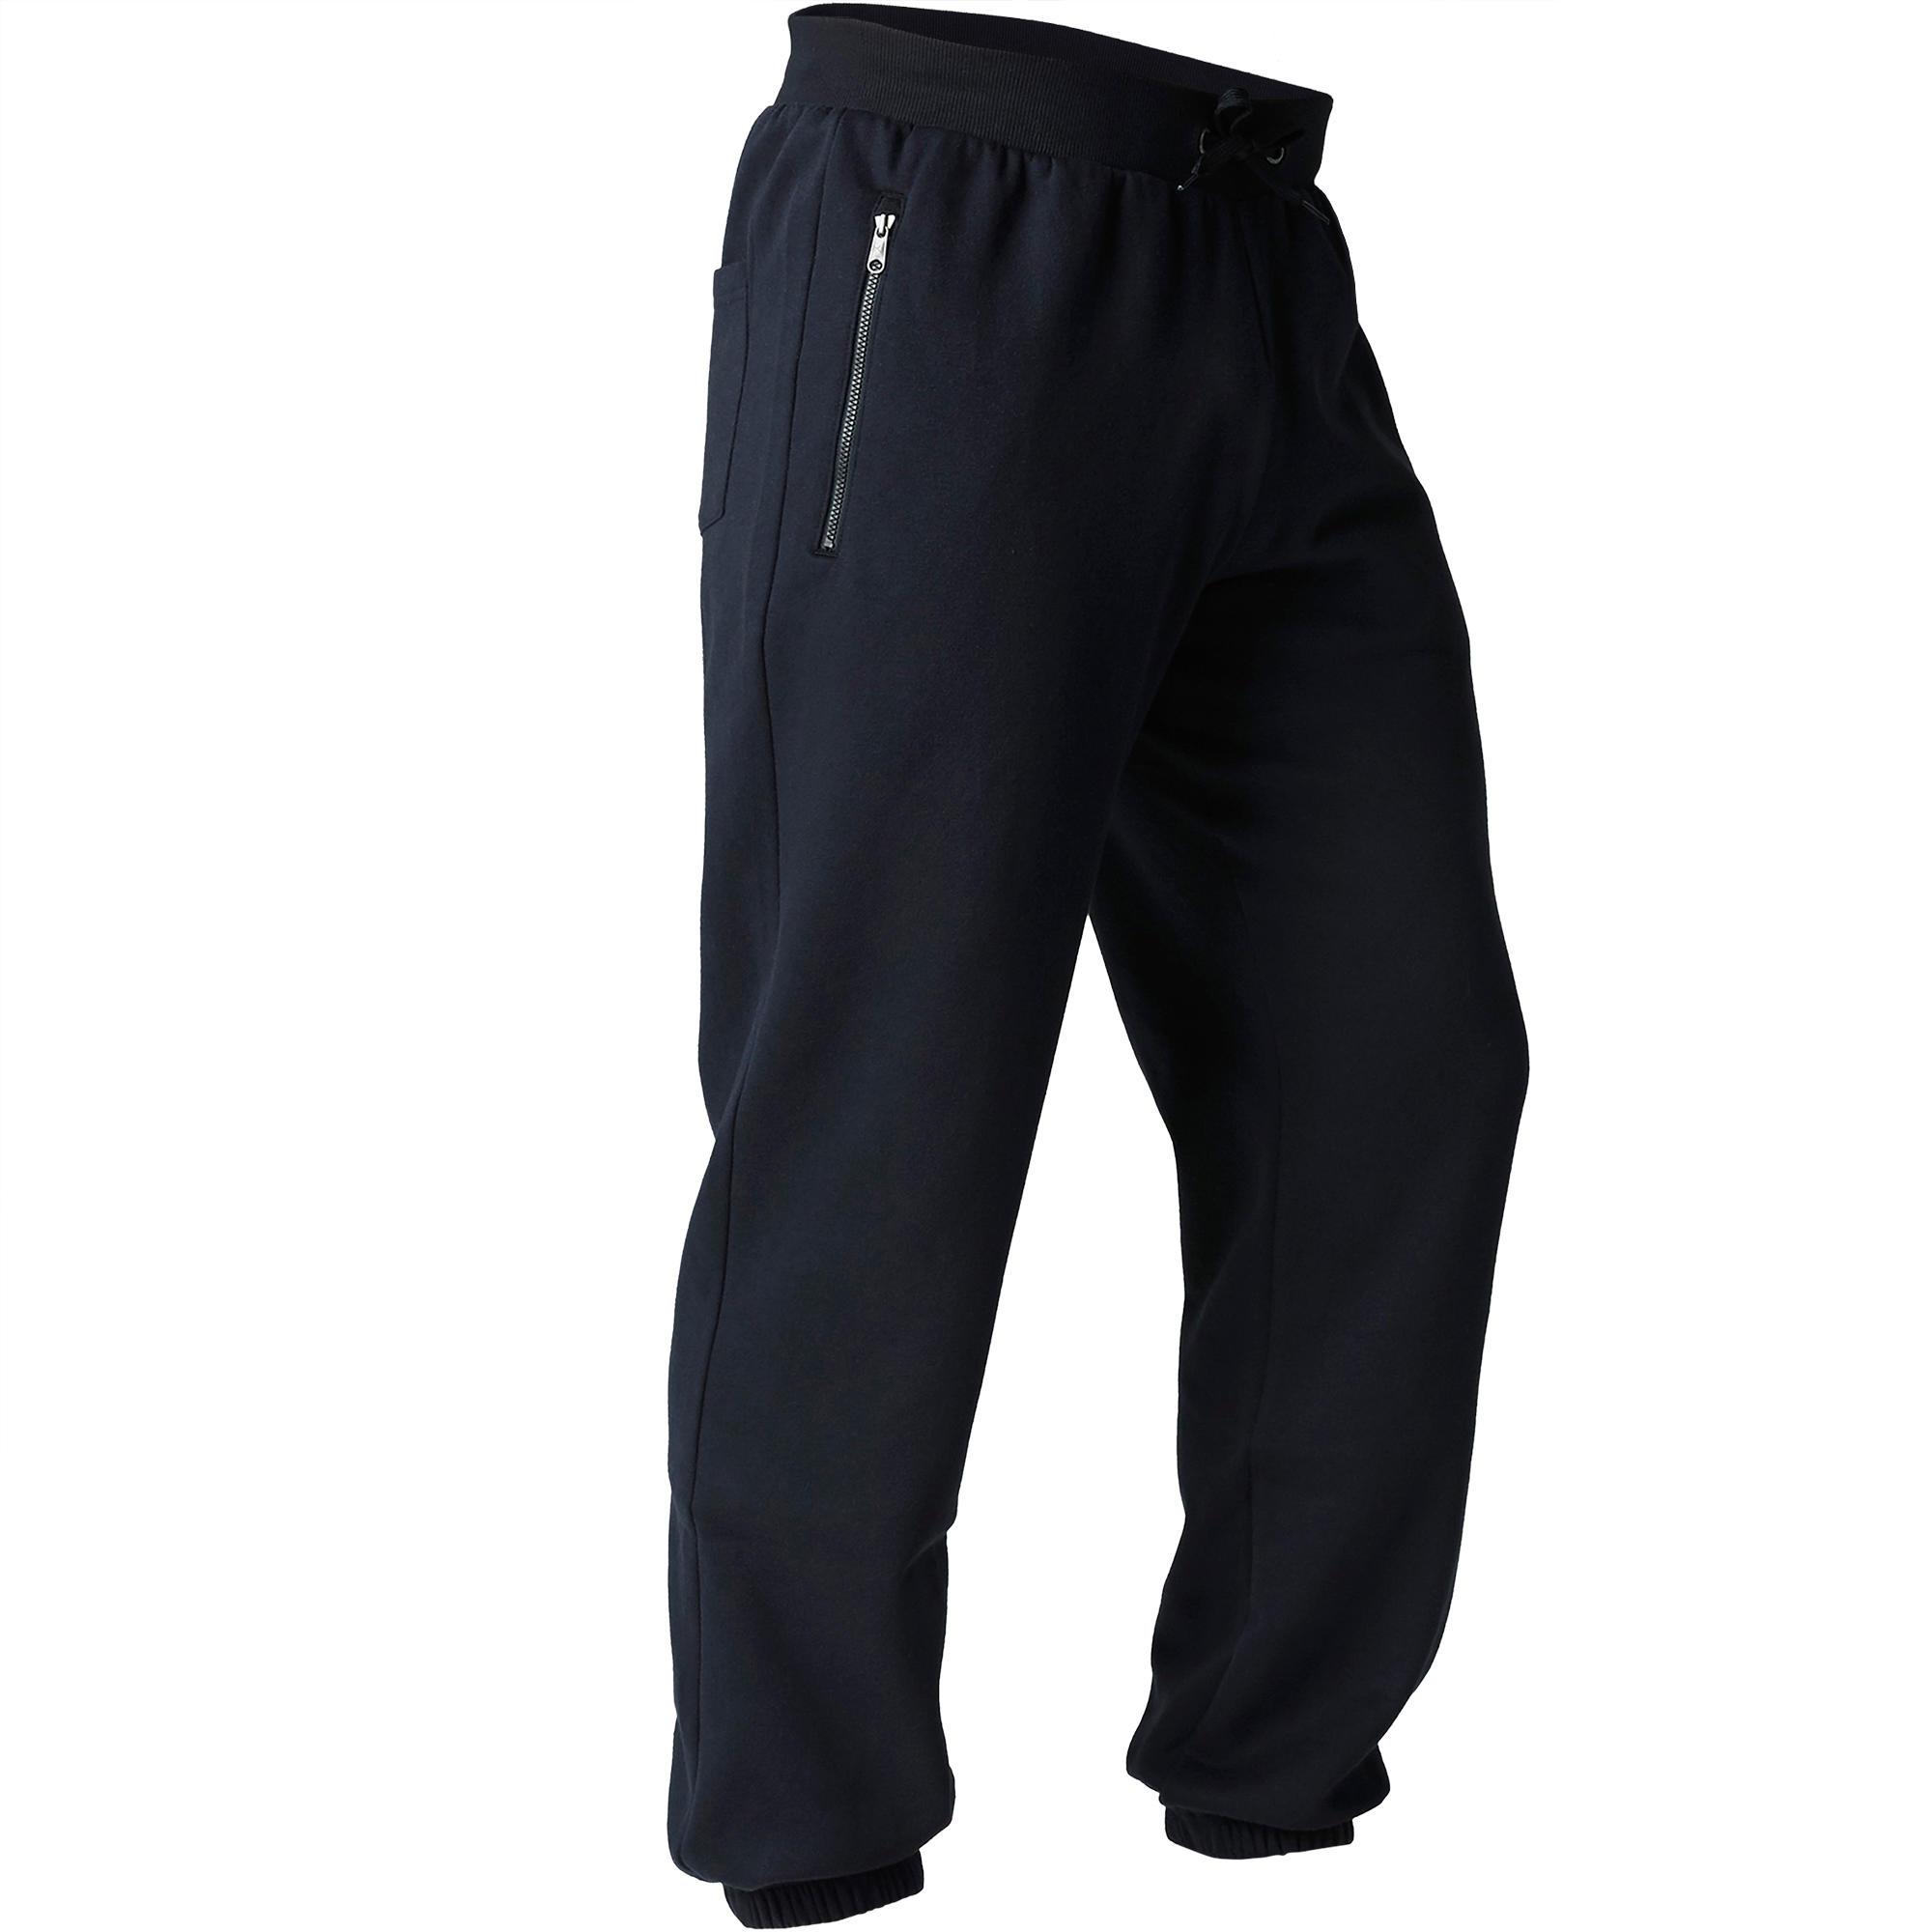 Pantalon 900 régulier zip gymnastique d'étirement noir homme